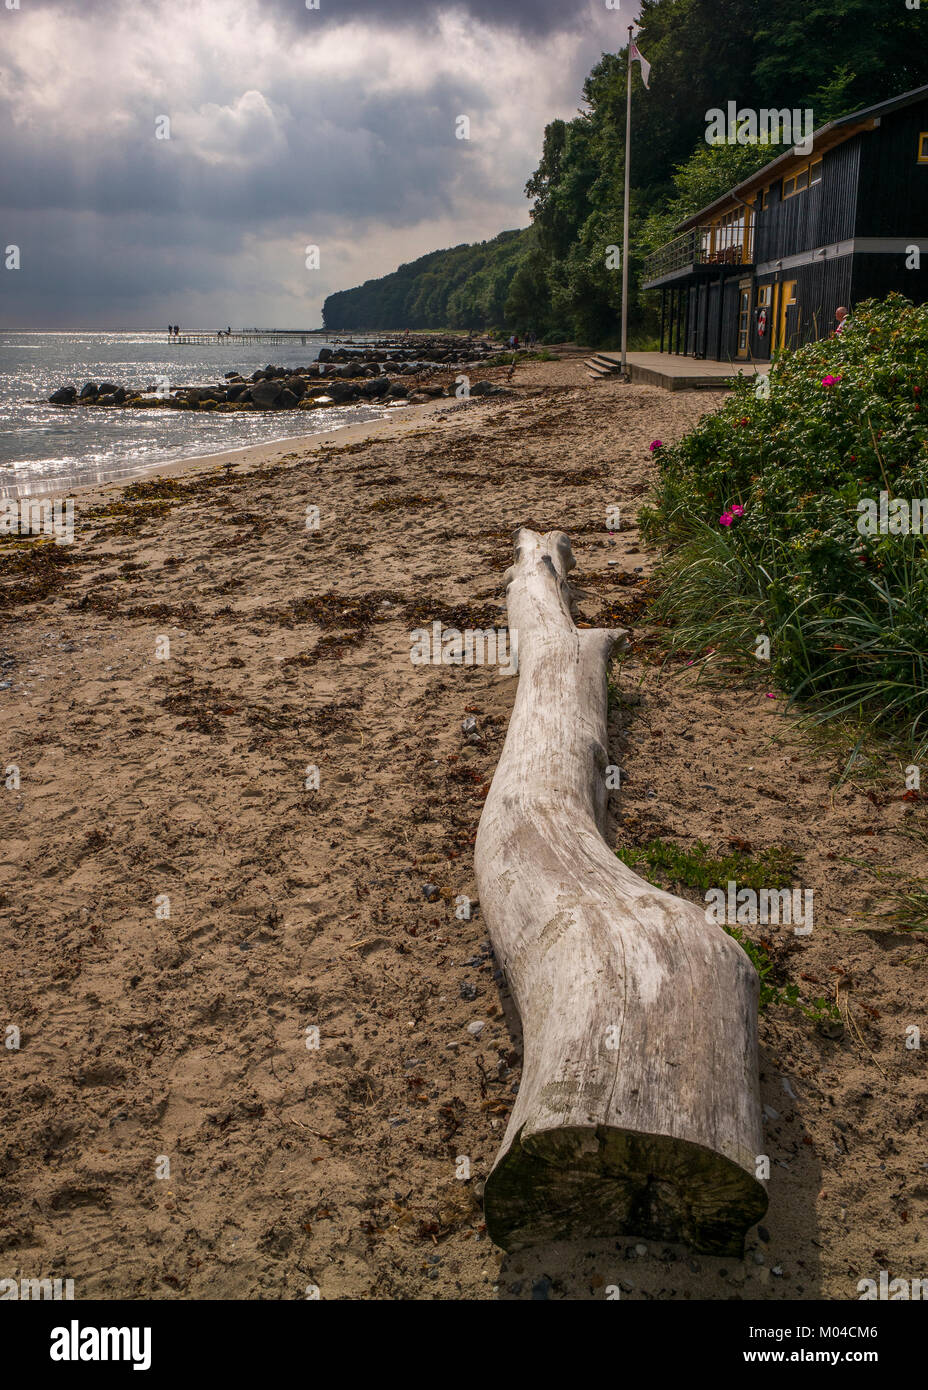 Registro playa arrastrados hasta el infinito Bridgea escultura realizada por el arquitecto danés studio & Povlsgaard Arkitekter Gjøde Foto de stock